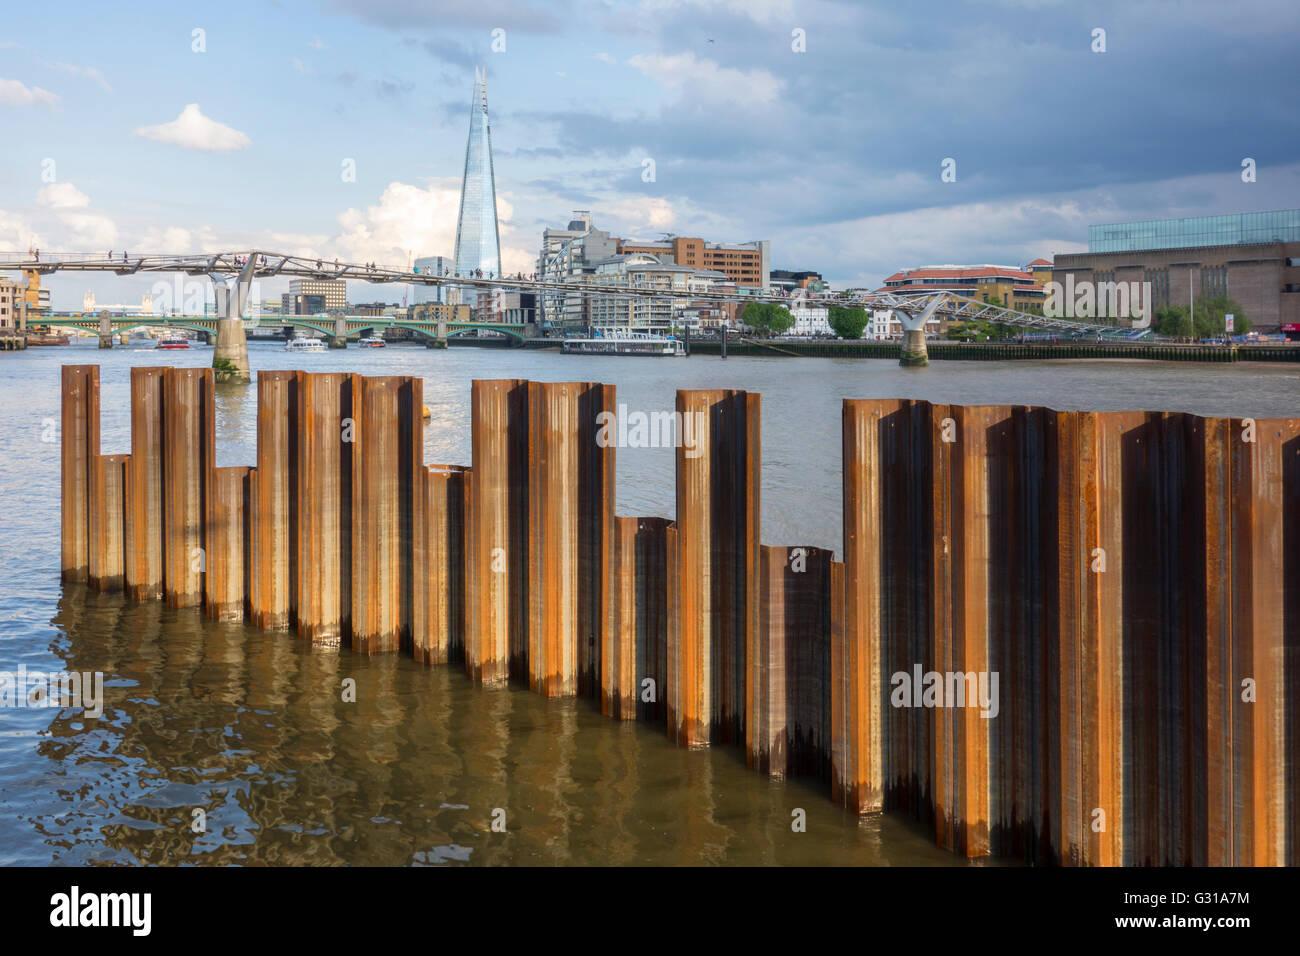 Los retenedores de acero en el río Támesis para el nuevo muelle Blackfriars, movido por el Támesis Imagen De Stock